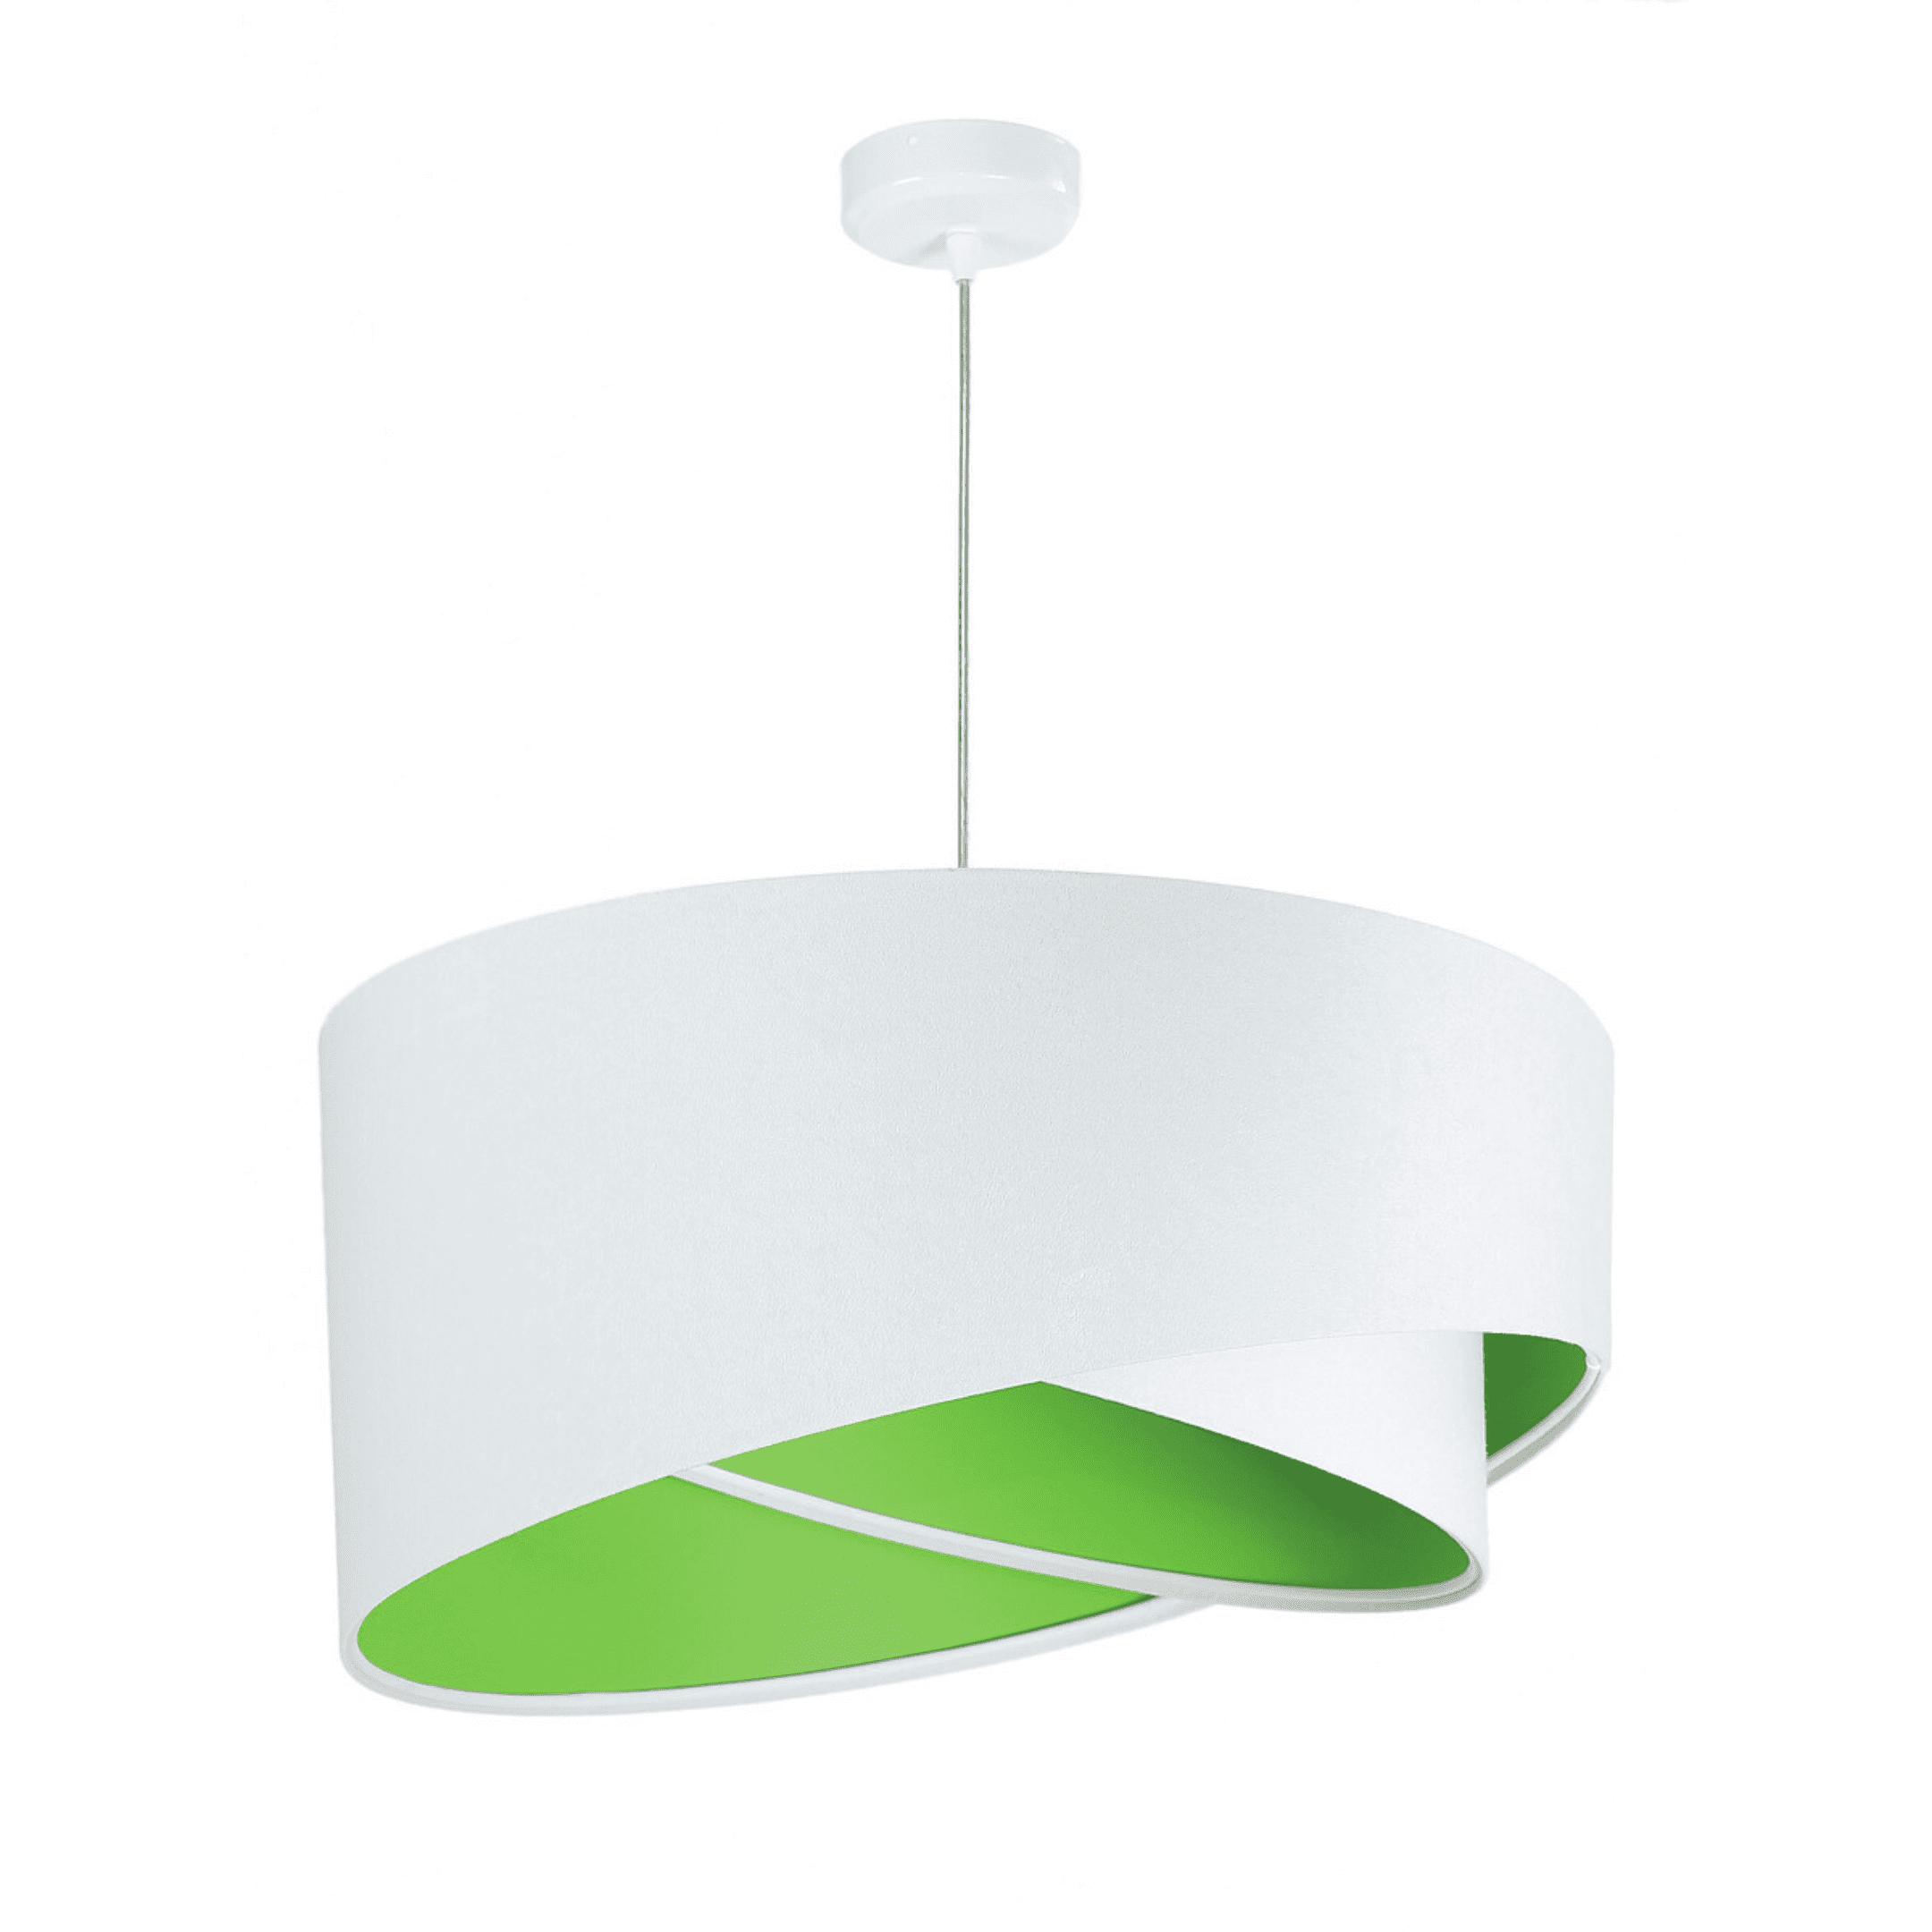 zielona-lampa-dla-dzieci-nowoczesne-oswietenie-do-pokoju-dzieciecego